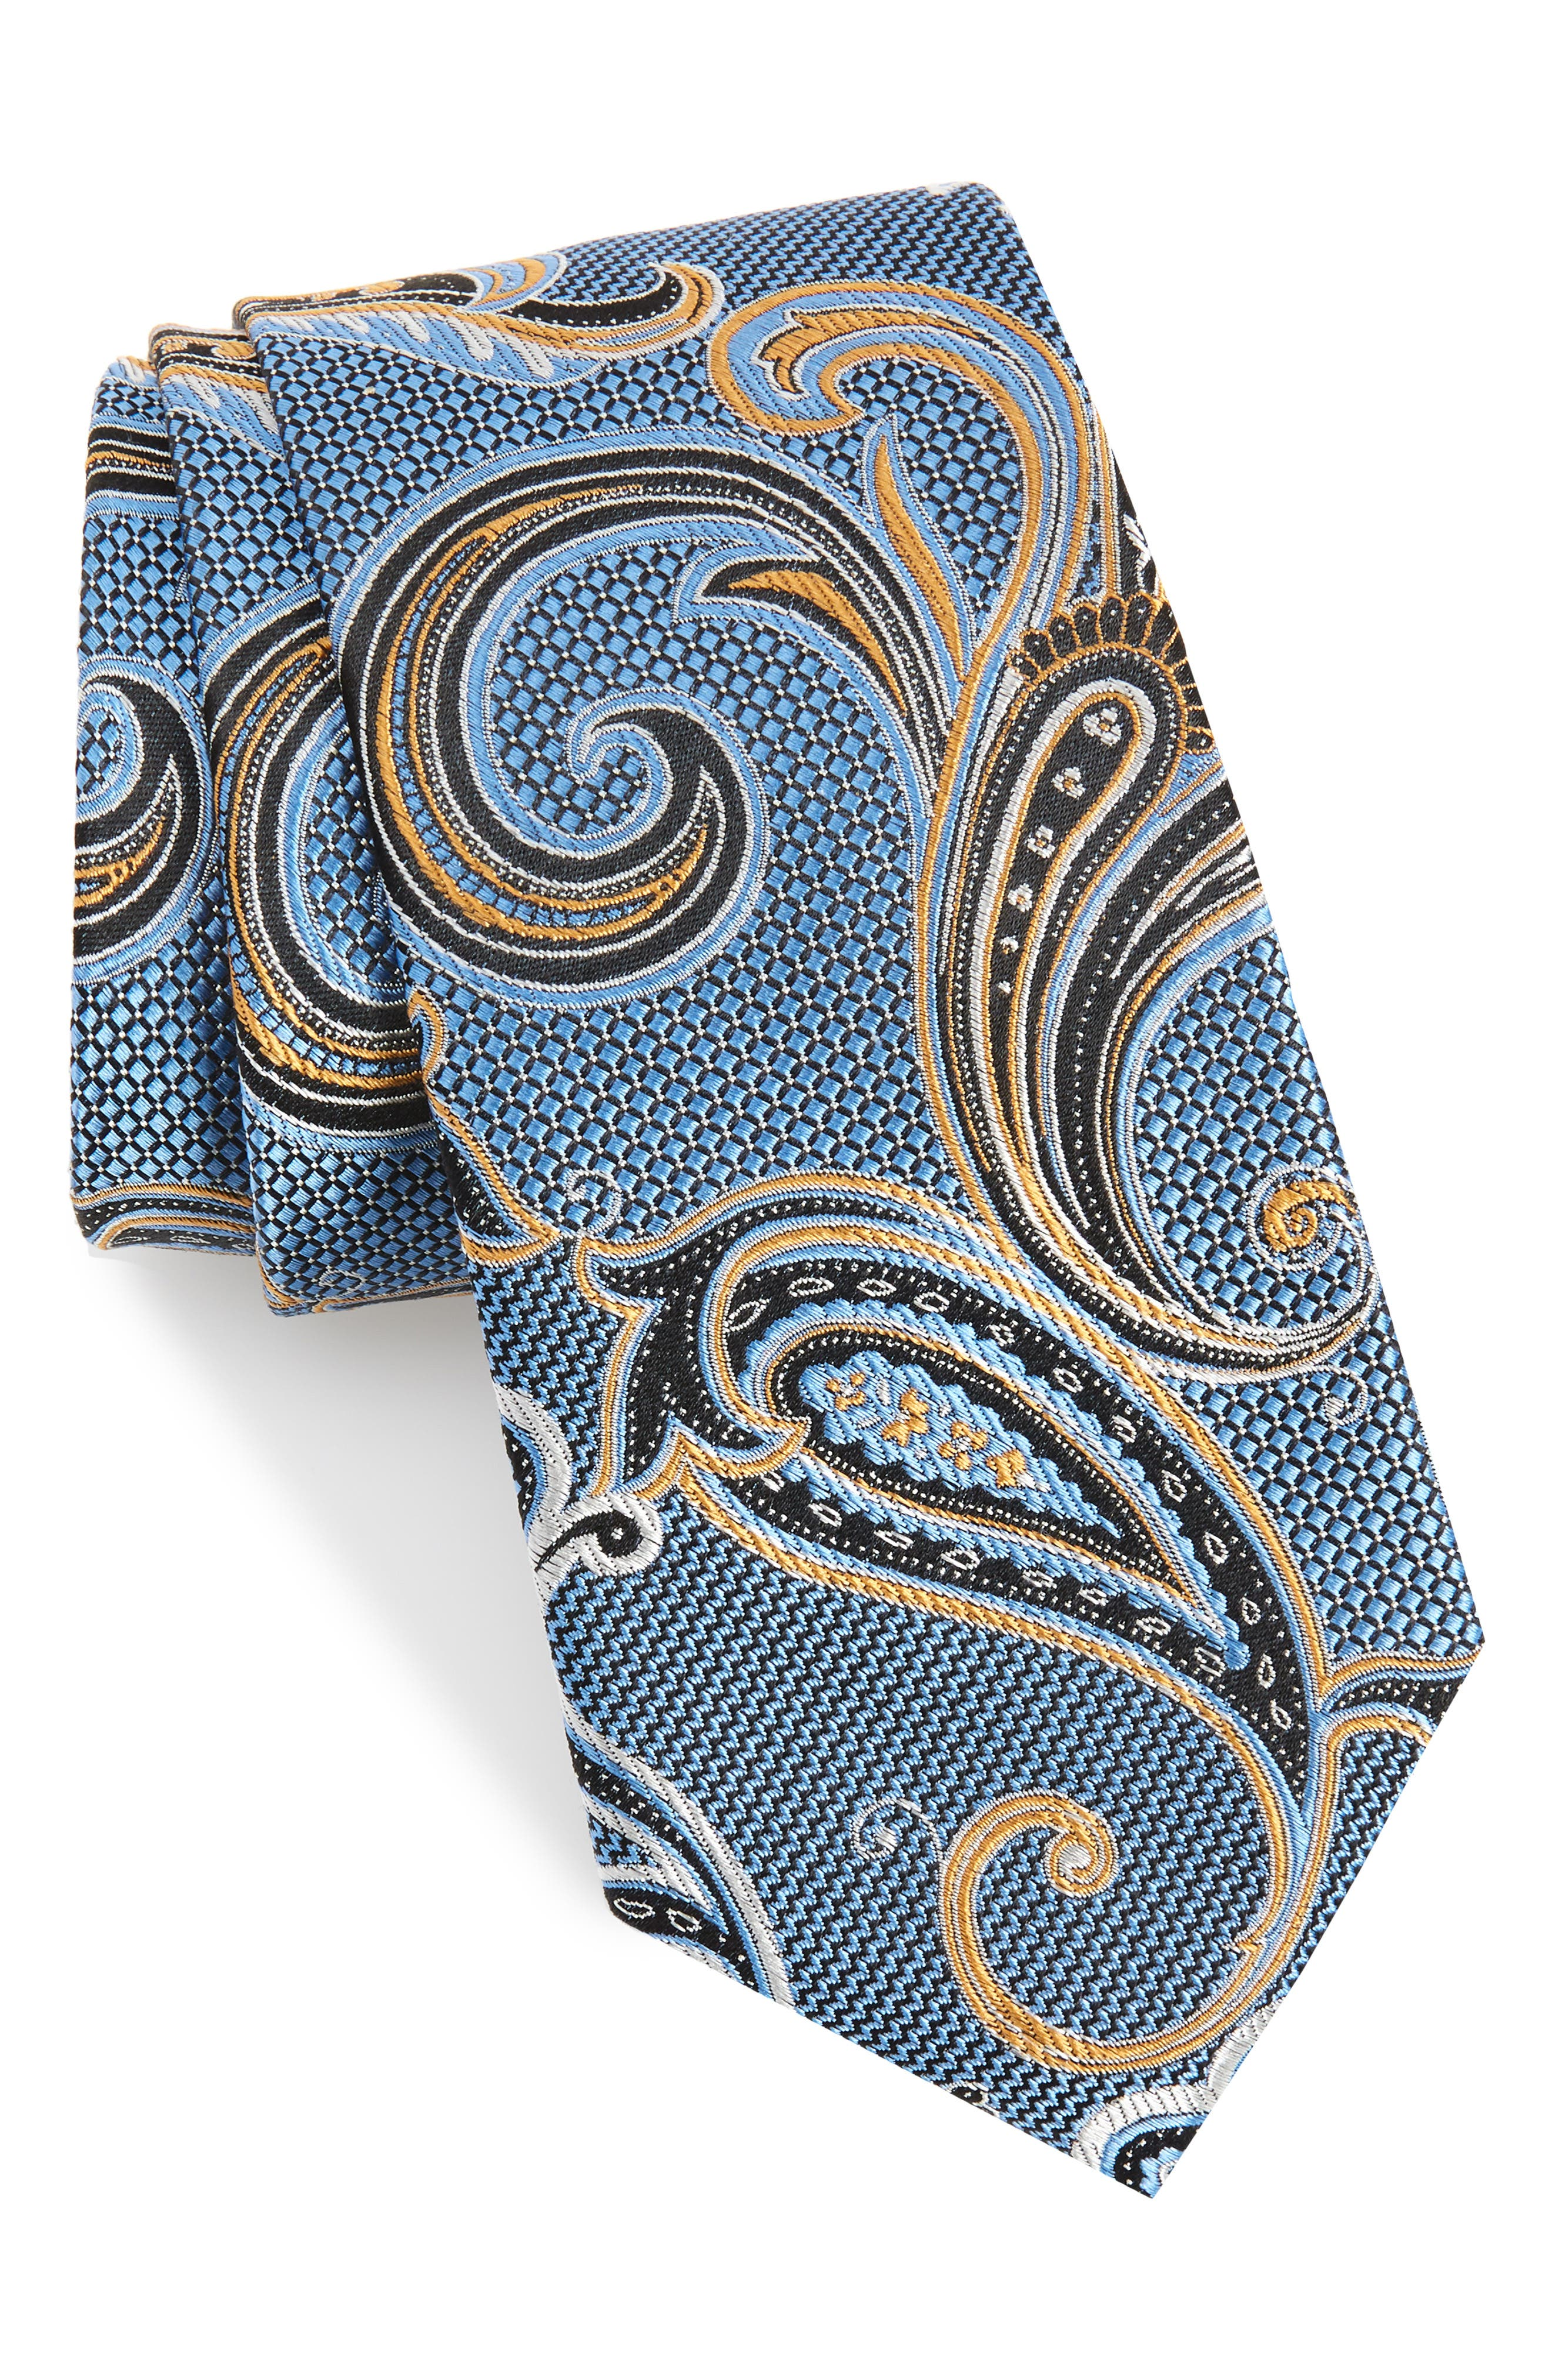 NORDSTROM MEN'S SHOP Bryce Paisley Silk Tie, Main, color, BLUE